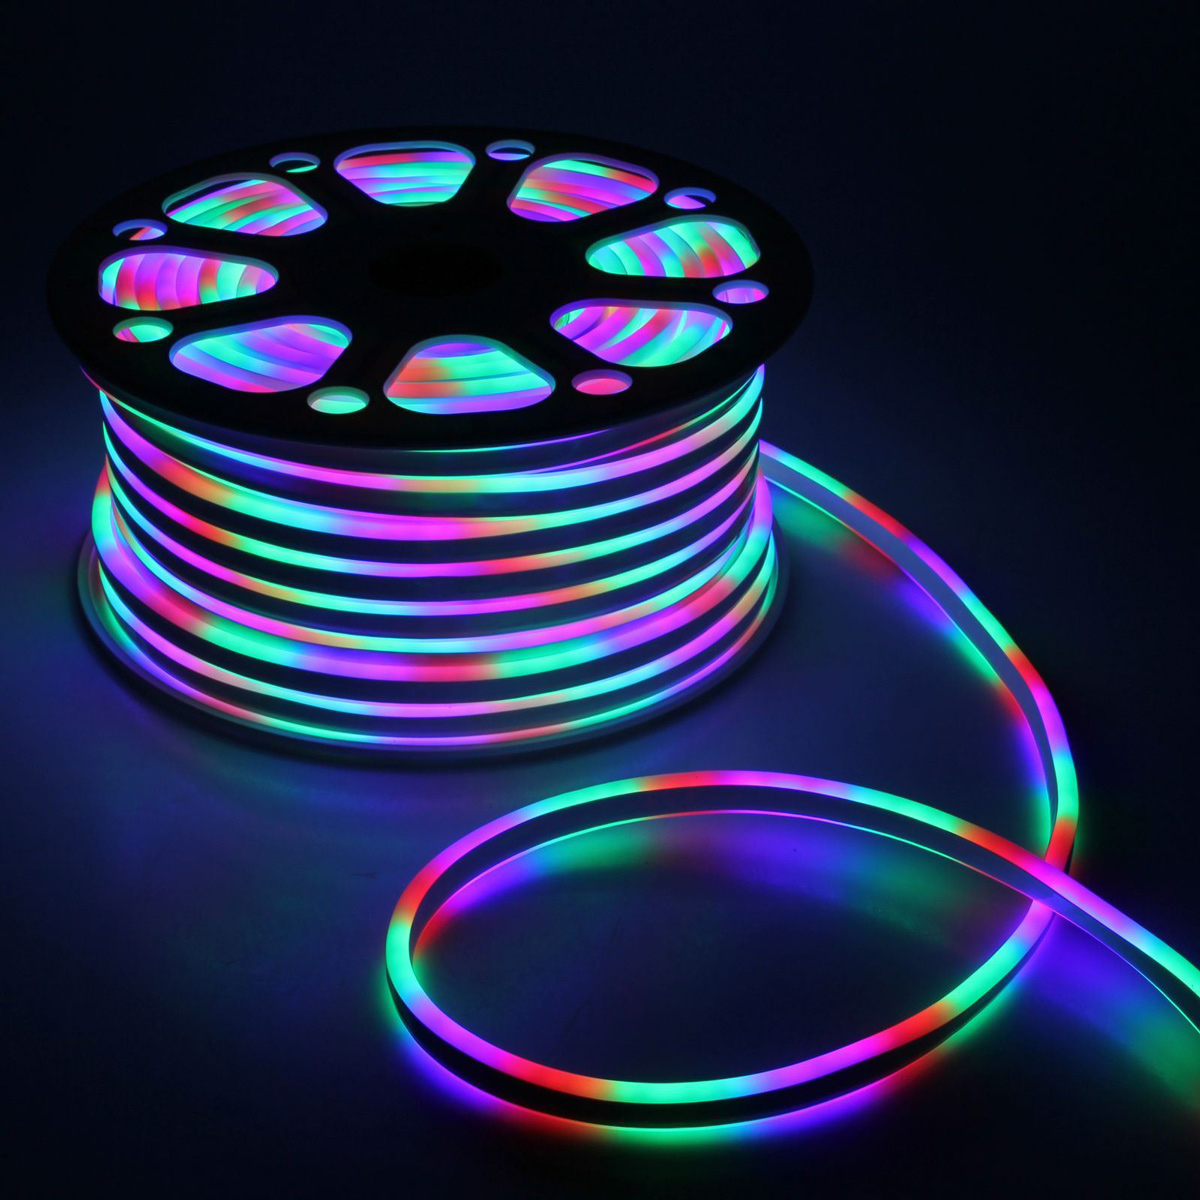 Гирлянда светодиодная Luazon, 120 ламп, 220 V, цвет: мультиколор, 0,8 см х 1,6 см х 50 м. 1431266 гирлянда luazon дождь 2m 6m multicolor 671678